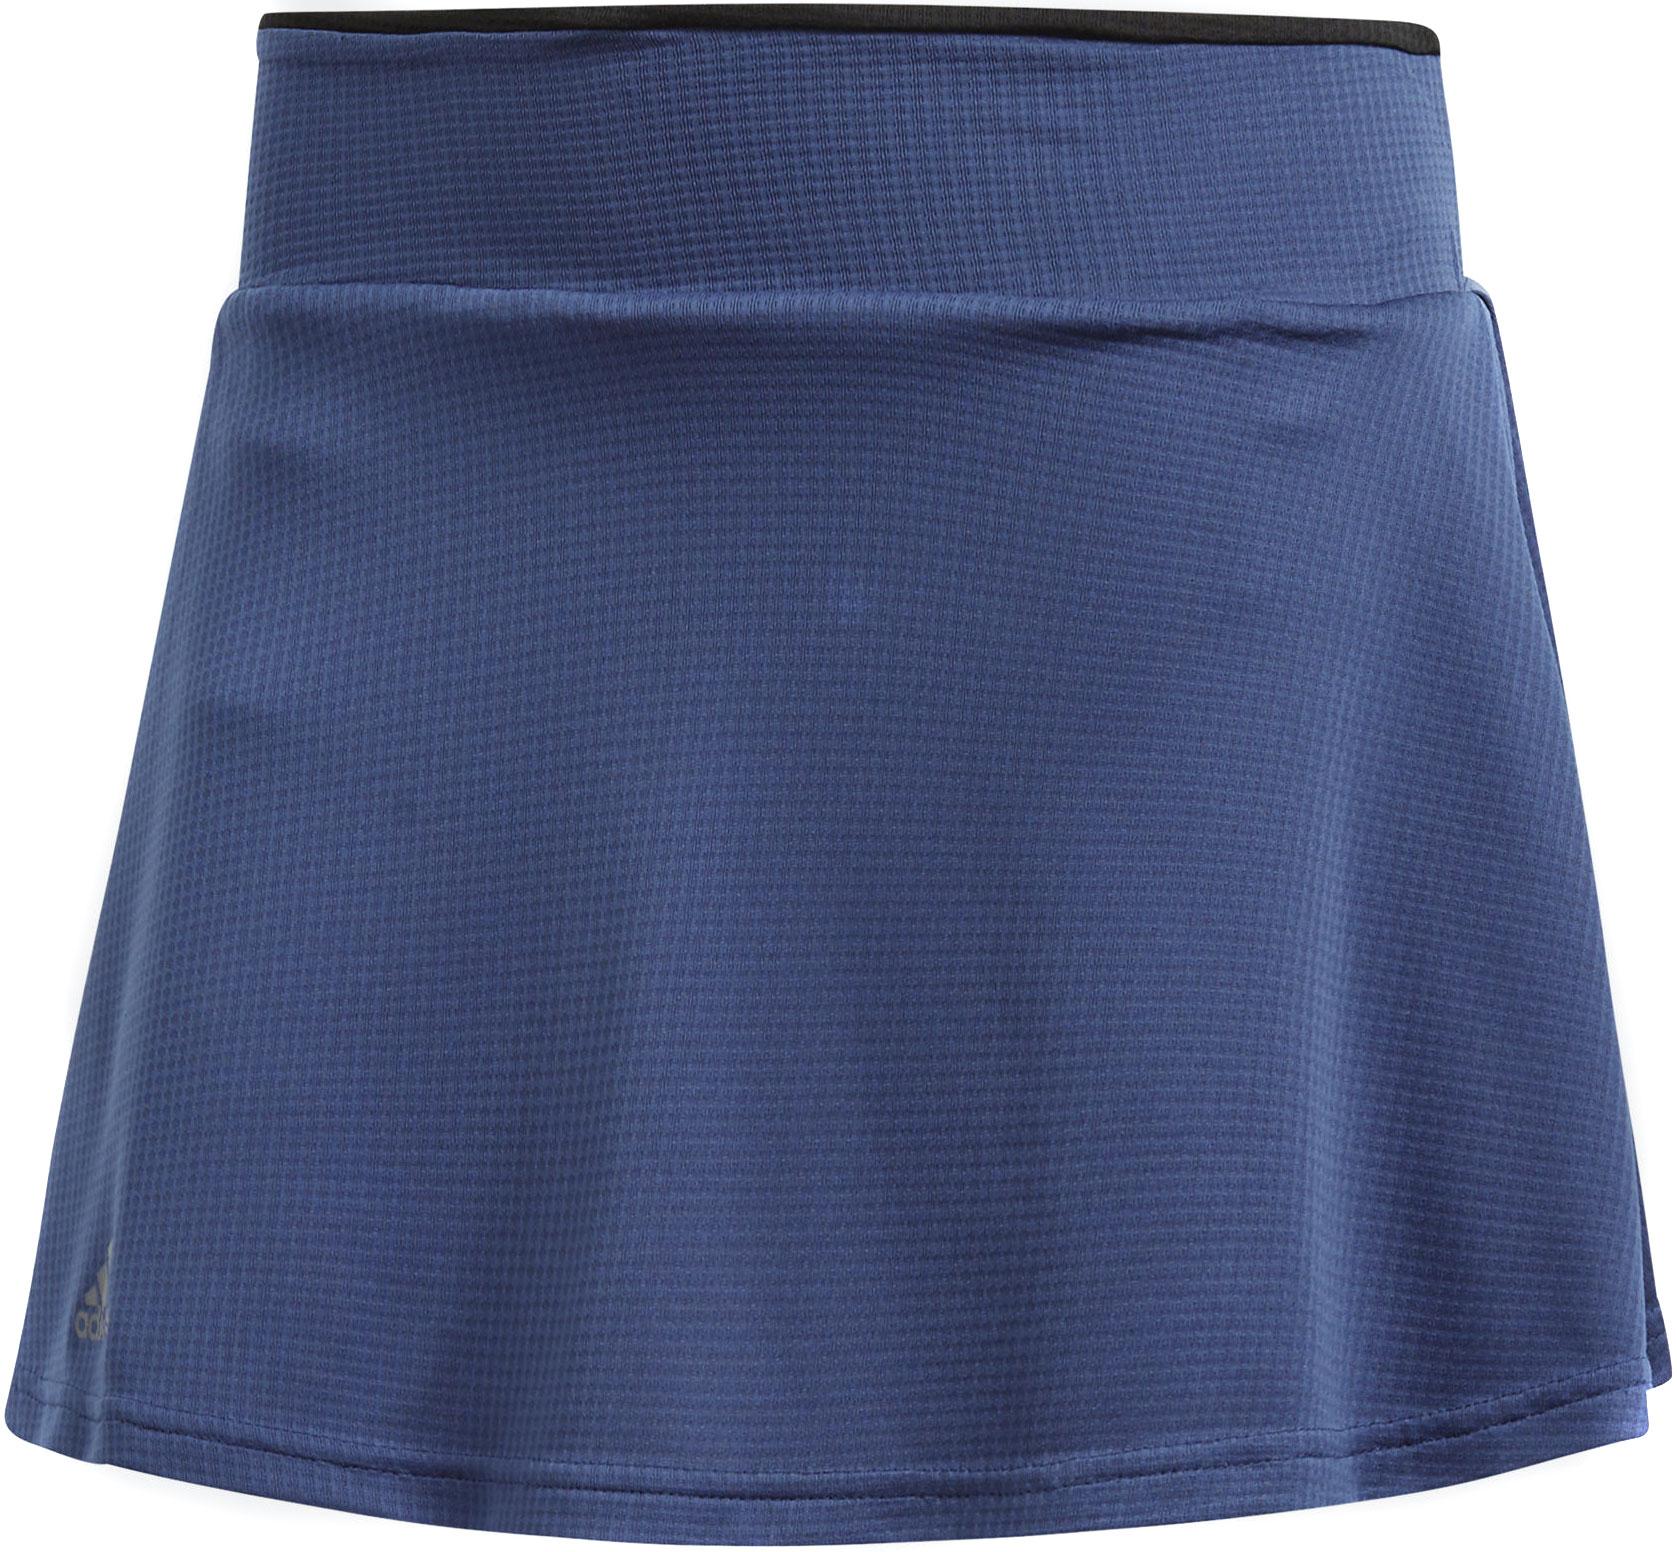 Юбка Adidas Clmchll Skirt, цвет: синий. CE1457. Размер L (48/50)CE1457Теннисная юбка от Adidas дарит ощущение свежести и прохлады даже во время самых длинных розыгрышей и самых напряженных тай-брейков. Технология Climachill способствует комфорту в жаркую погоду: микрофибра и титановые волокна хорошо охлаждают и отводят излишки влаги. Модель дополнена вшитыми шортами и защитой от УФ-лучей 50+.